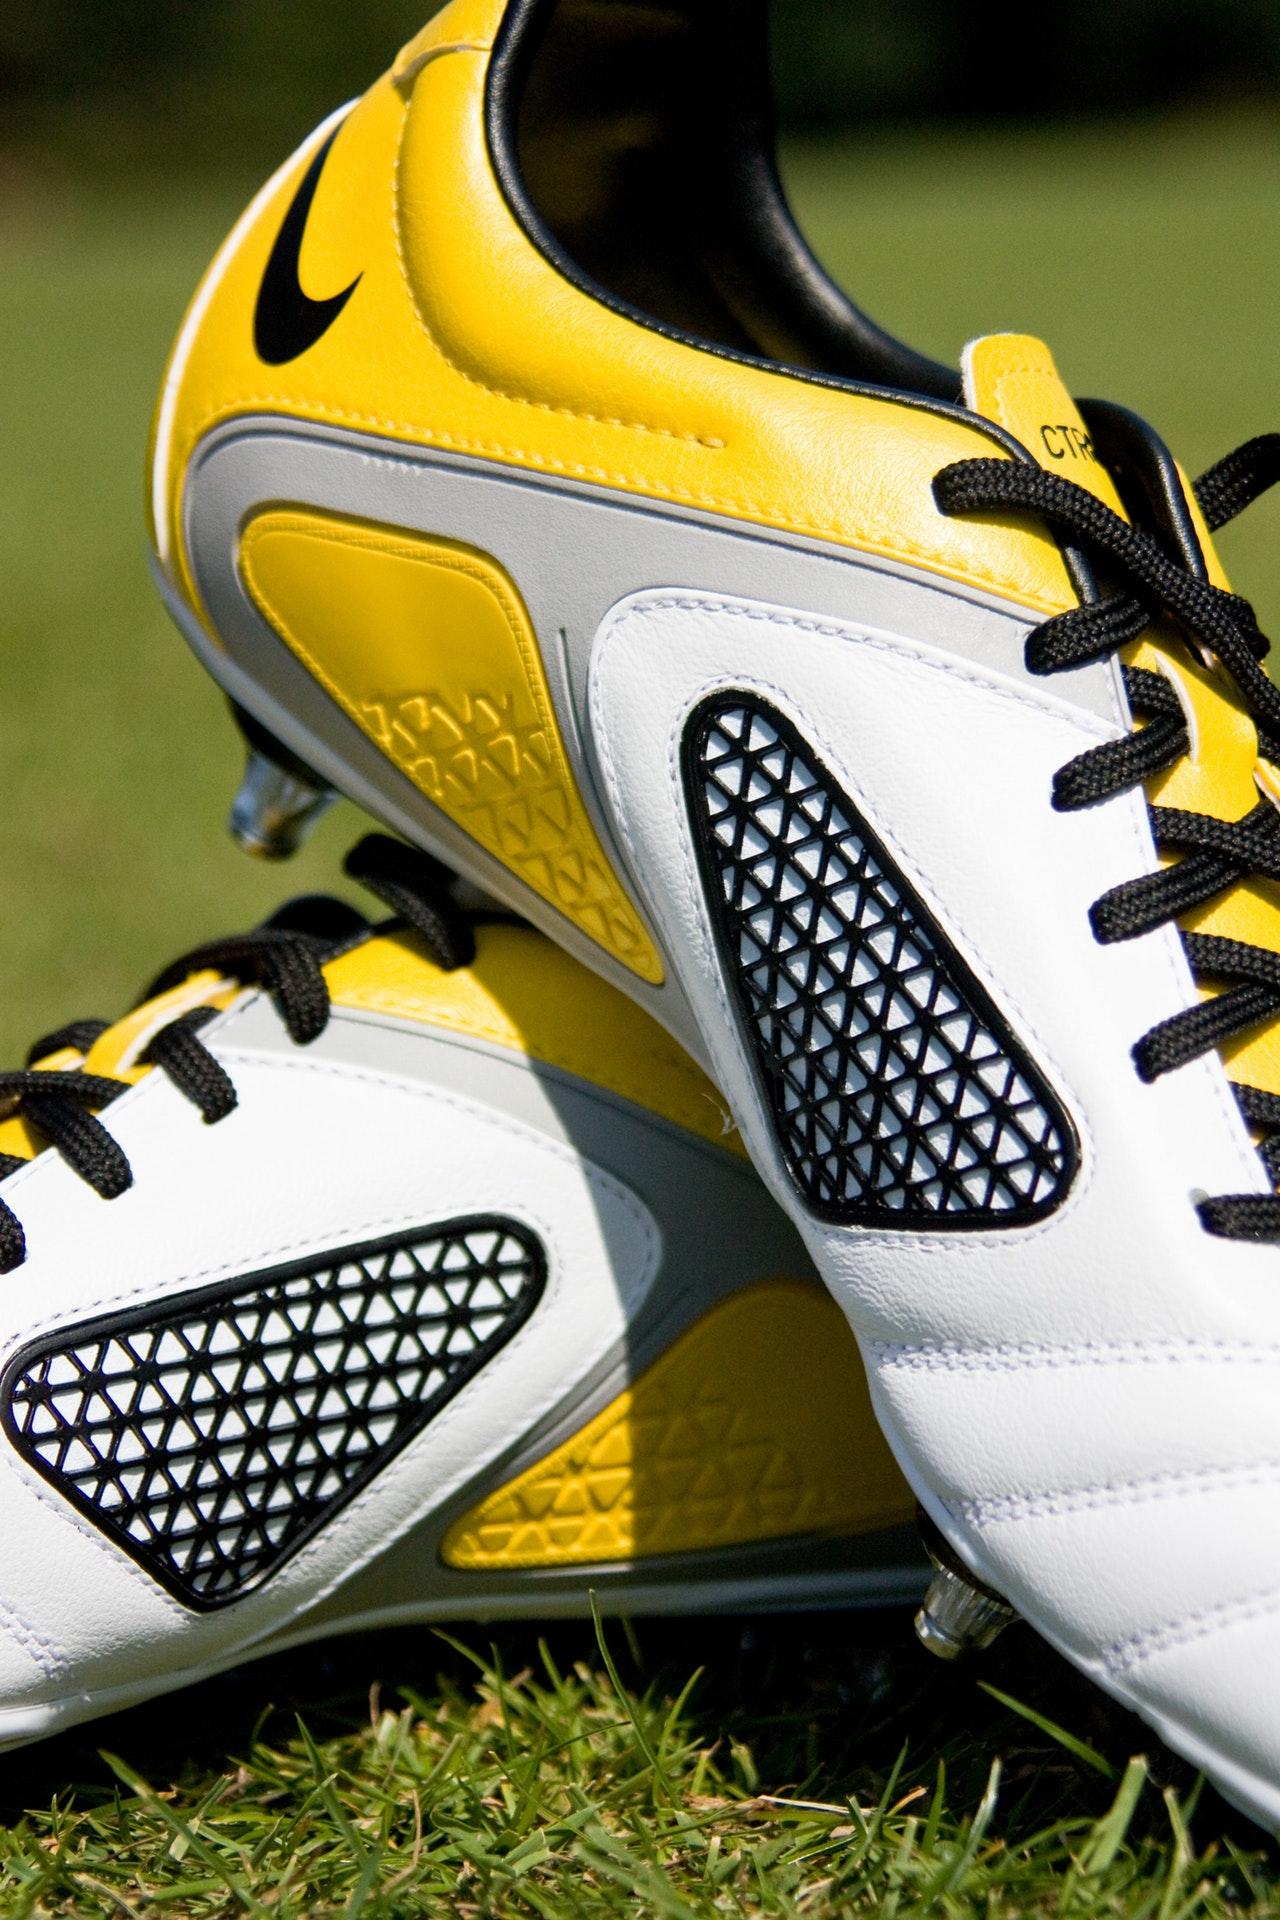 Historia firmy Nike – od dystrybucji japońskiego obuwia po korki Phantom